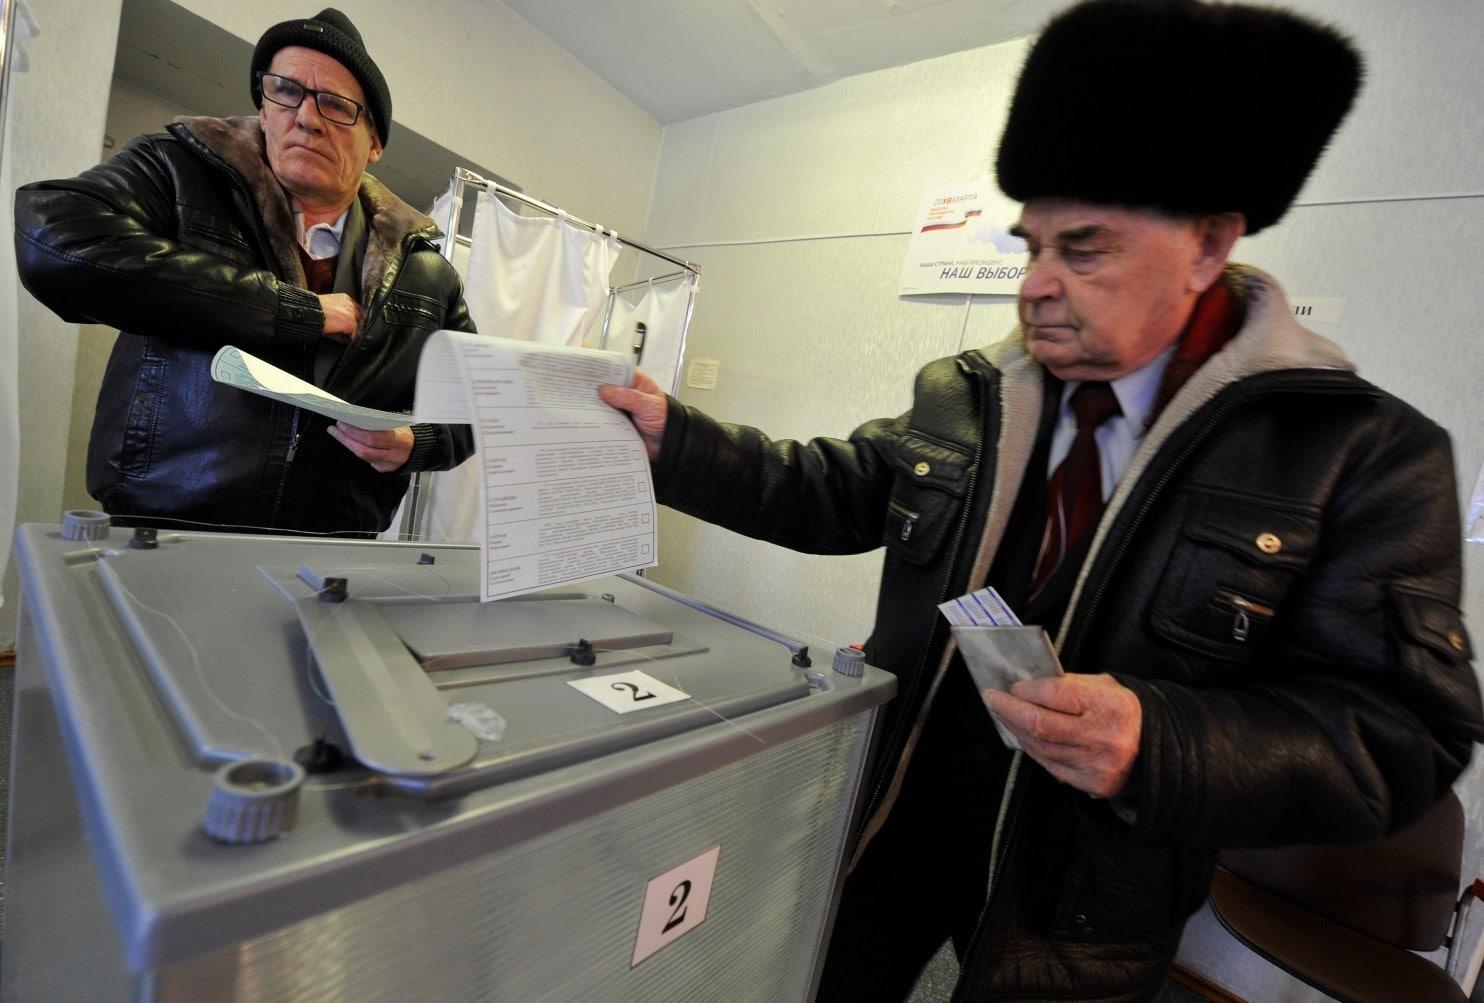 الروس يتوجهون إلى مراكز الاقتراع في موسكو وسط توقعات بفوز بوتين